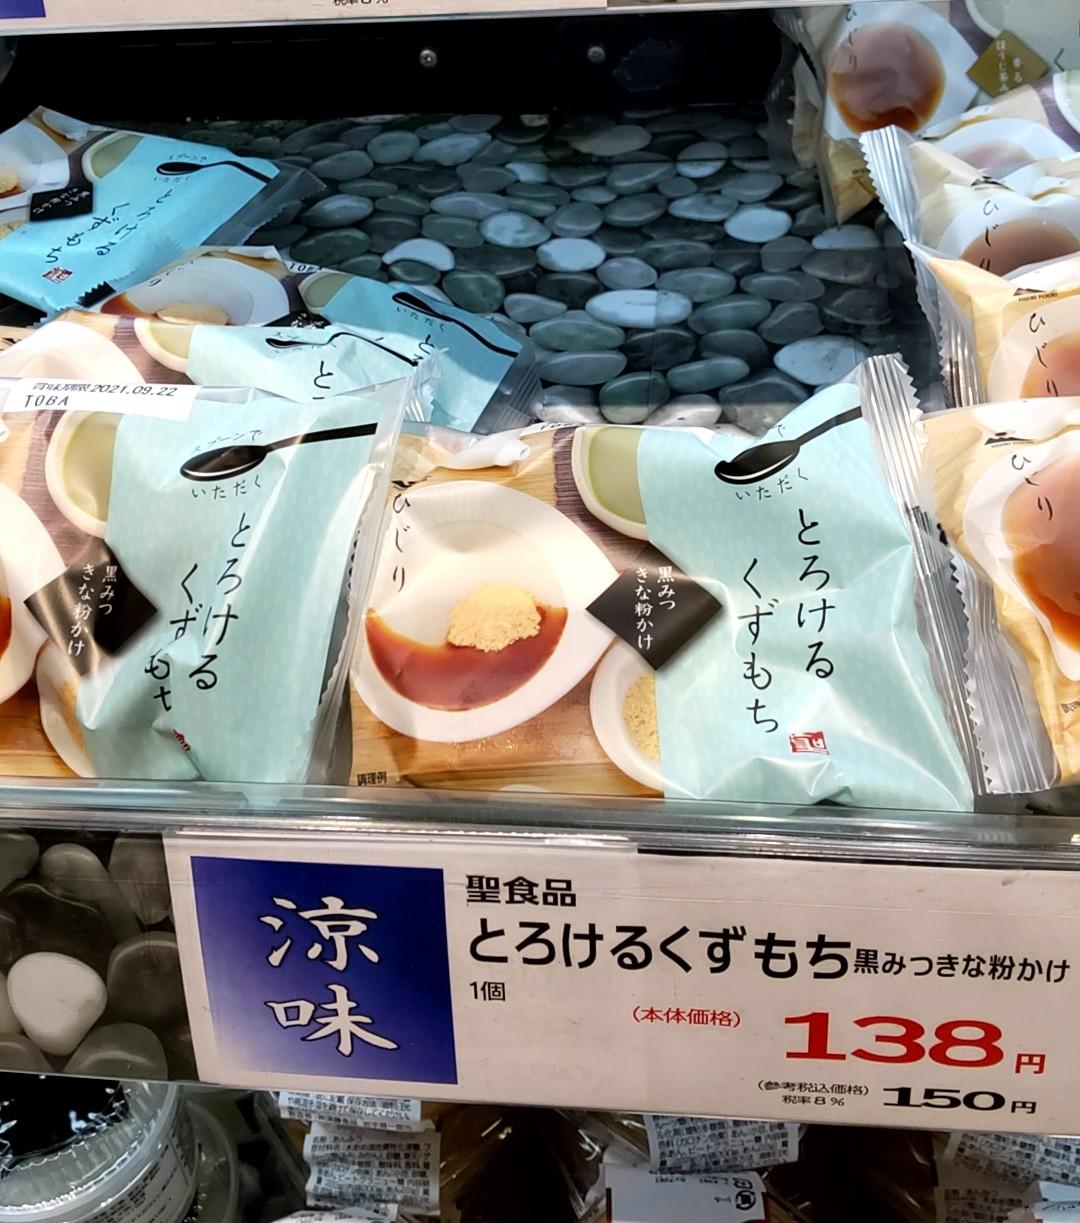 ★フレスト松井山手店★冷たいものが食べた…の画像